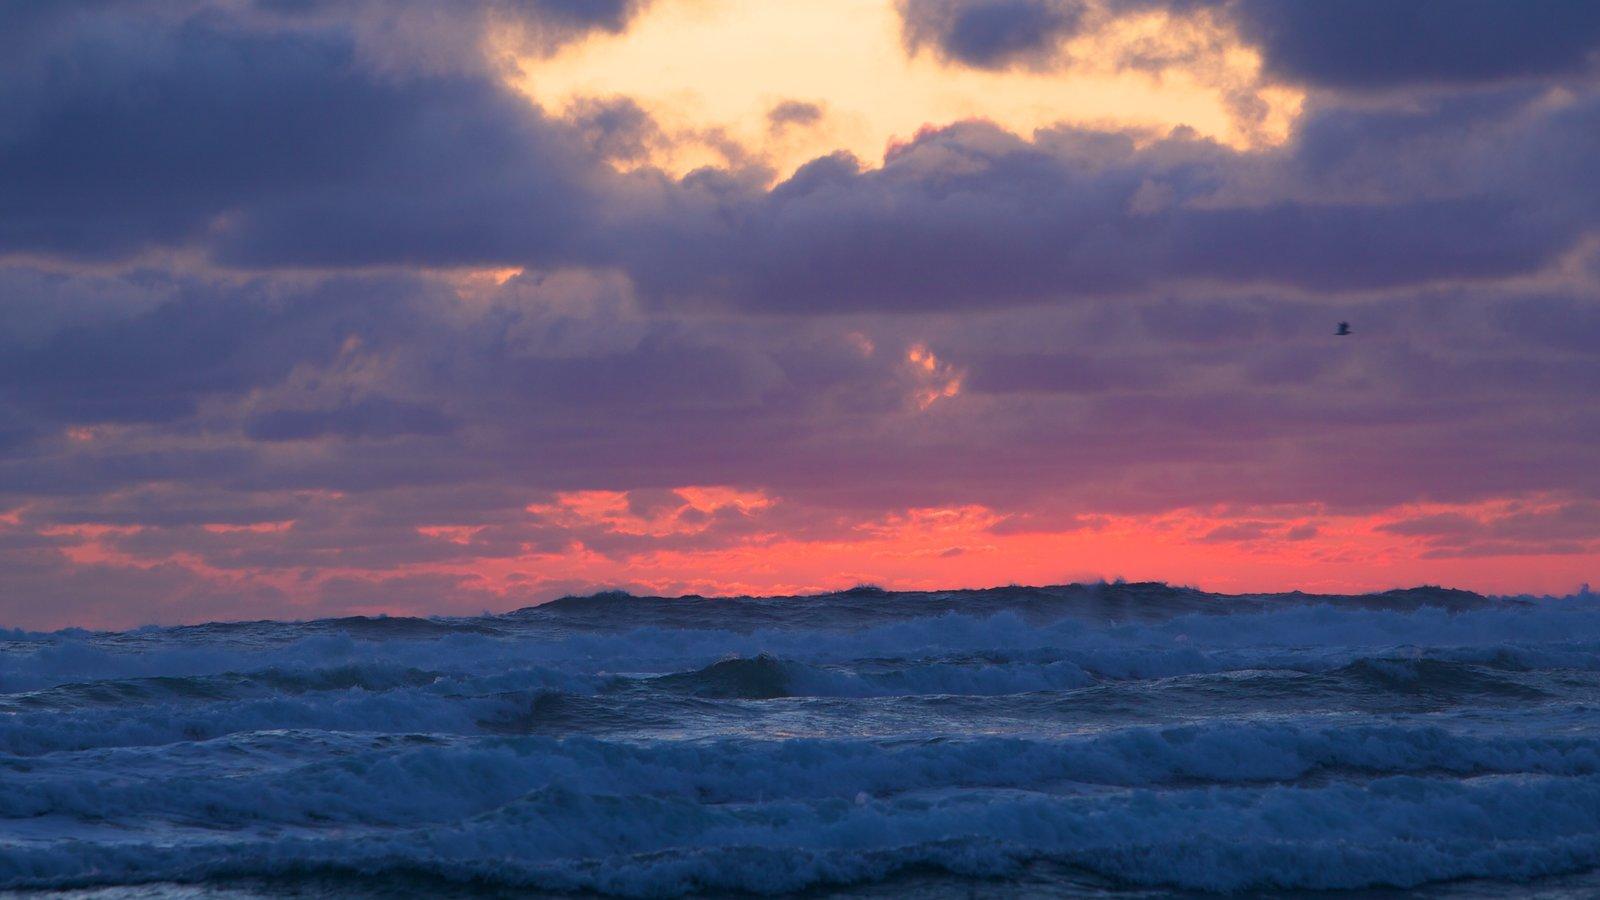 Cannon Beach que inclui ondas e um pôr do sol